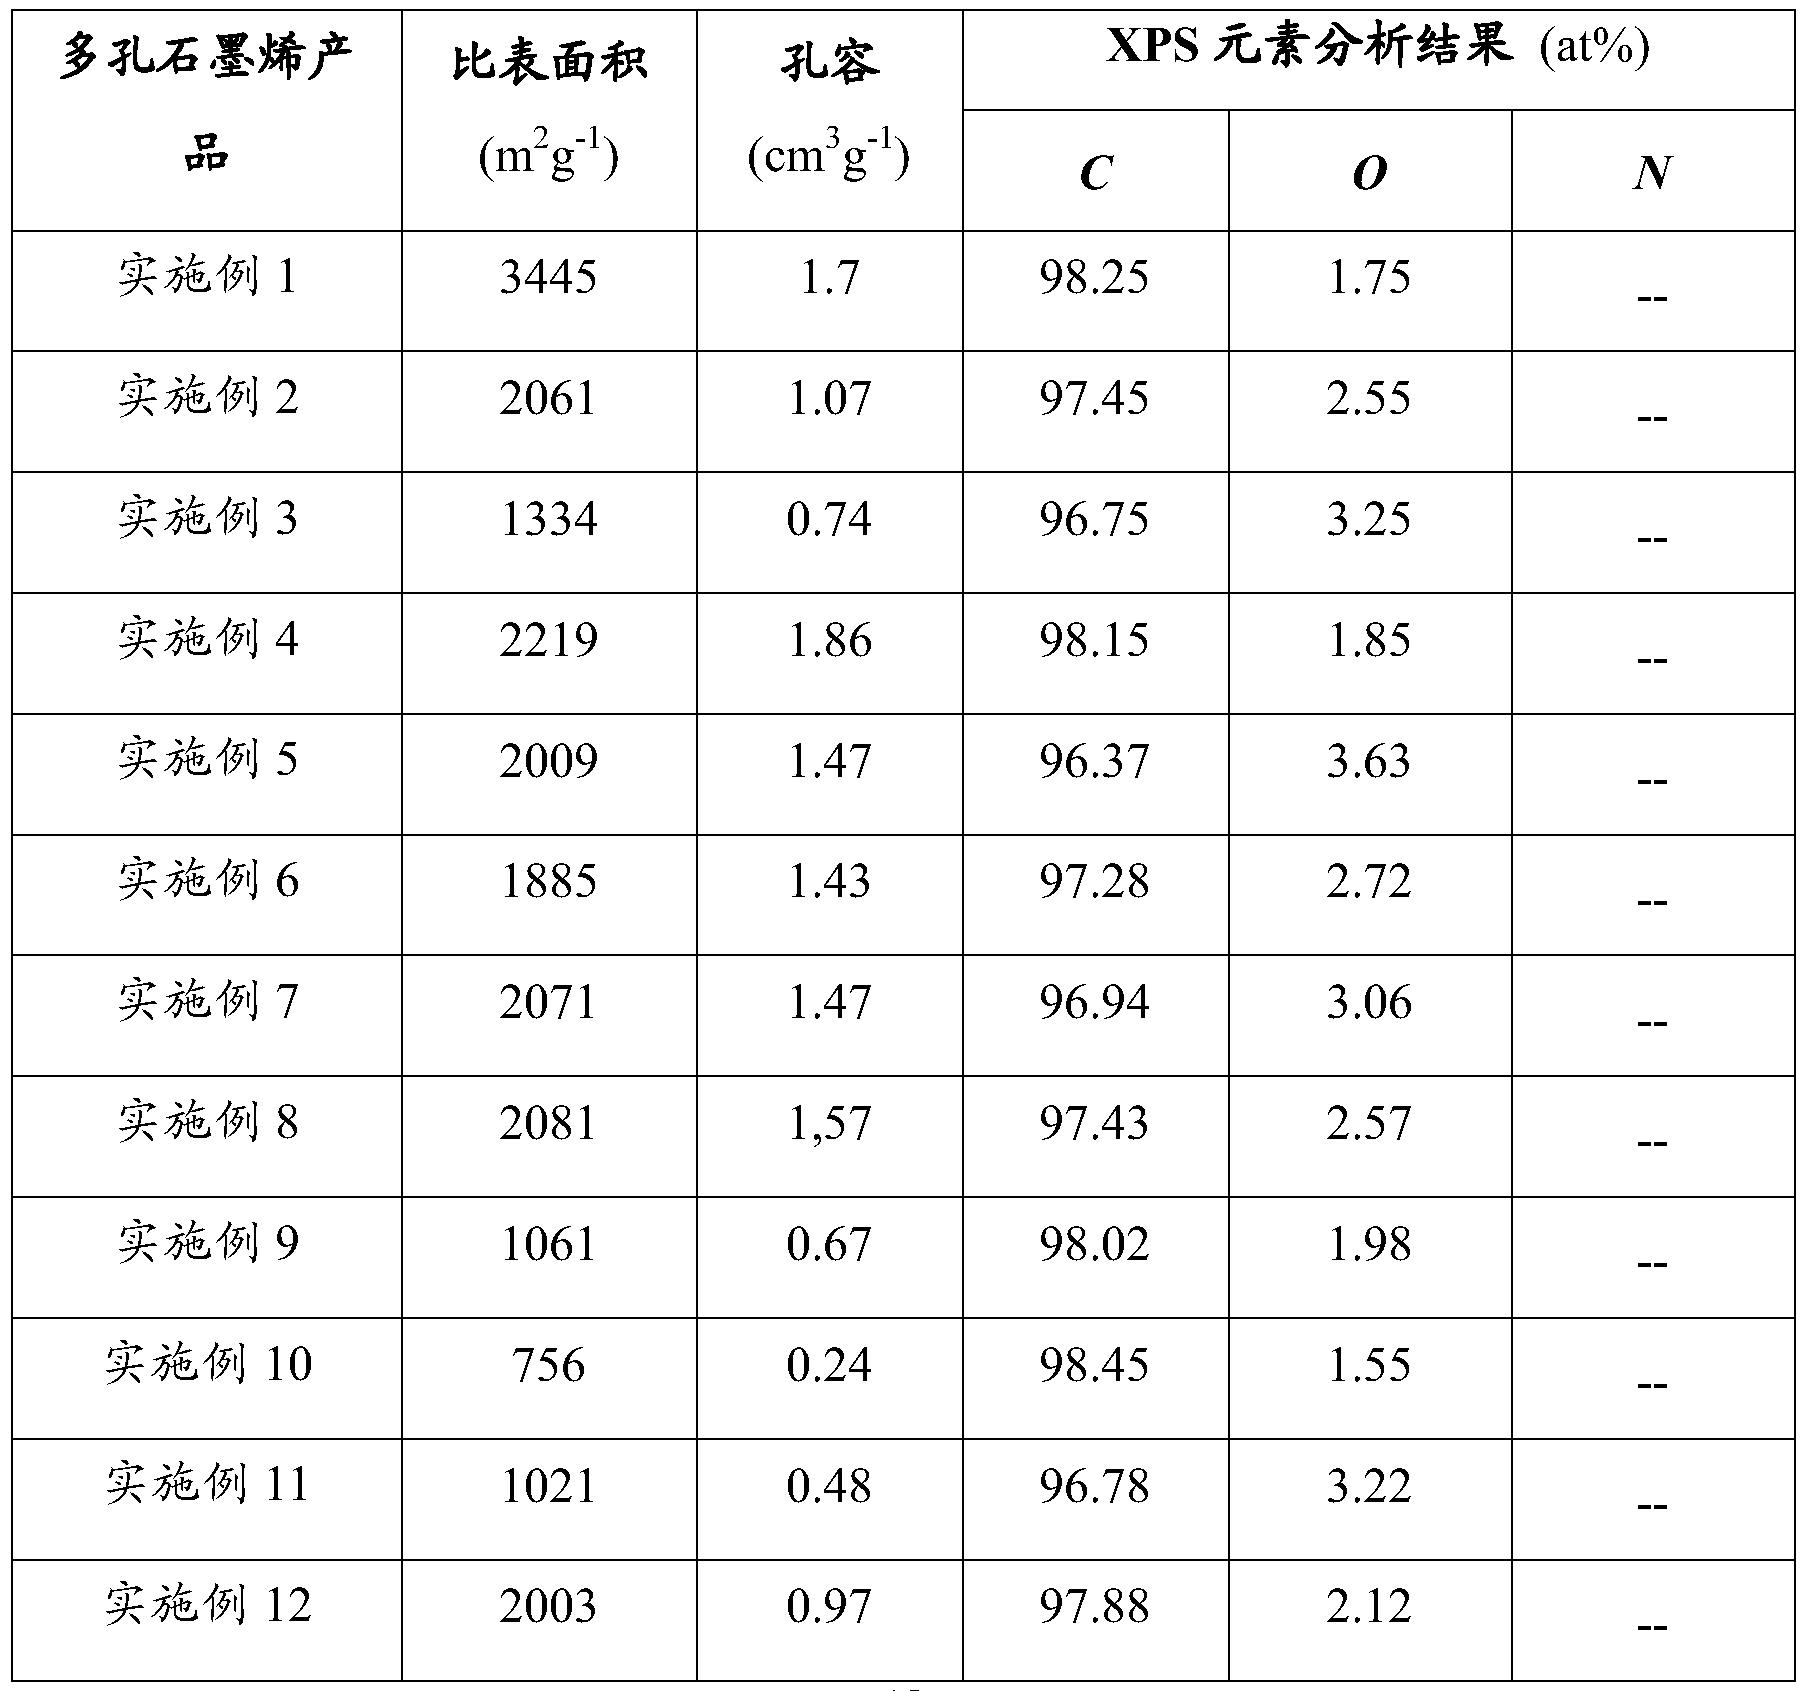 Figure PCTCN2016081961-appb-000007